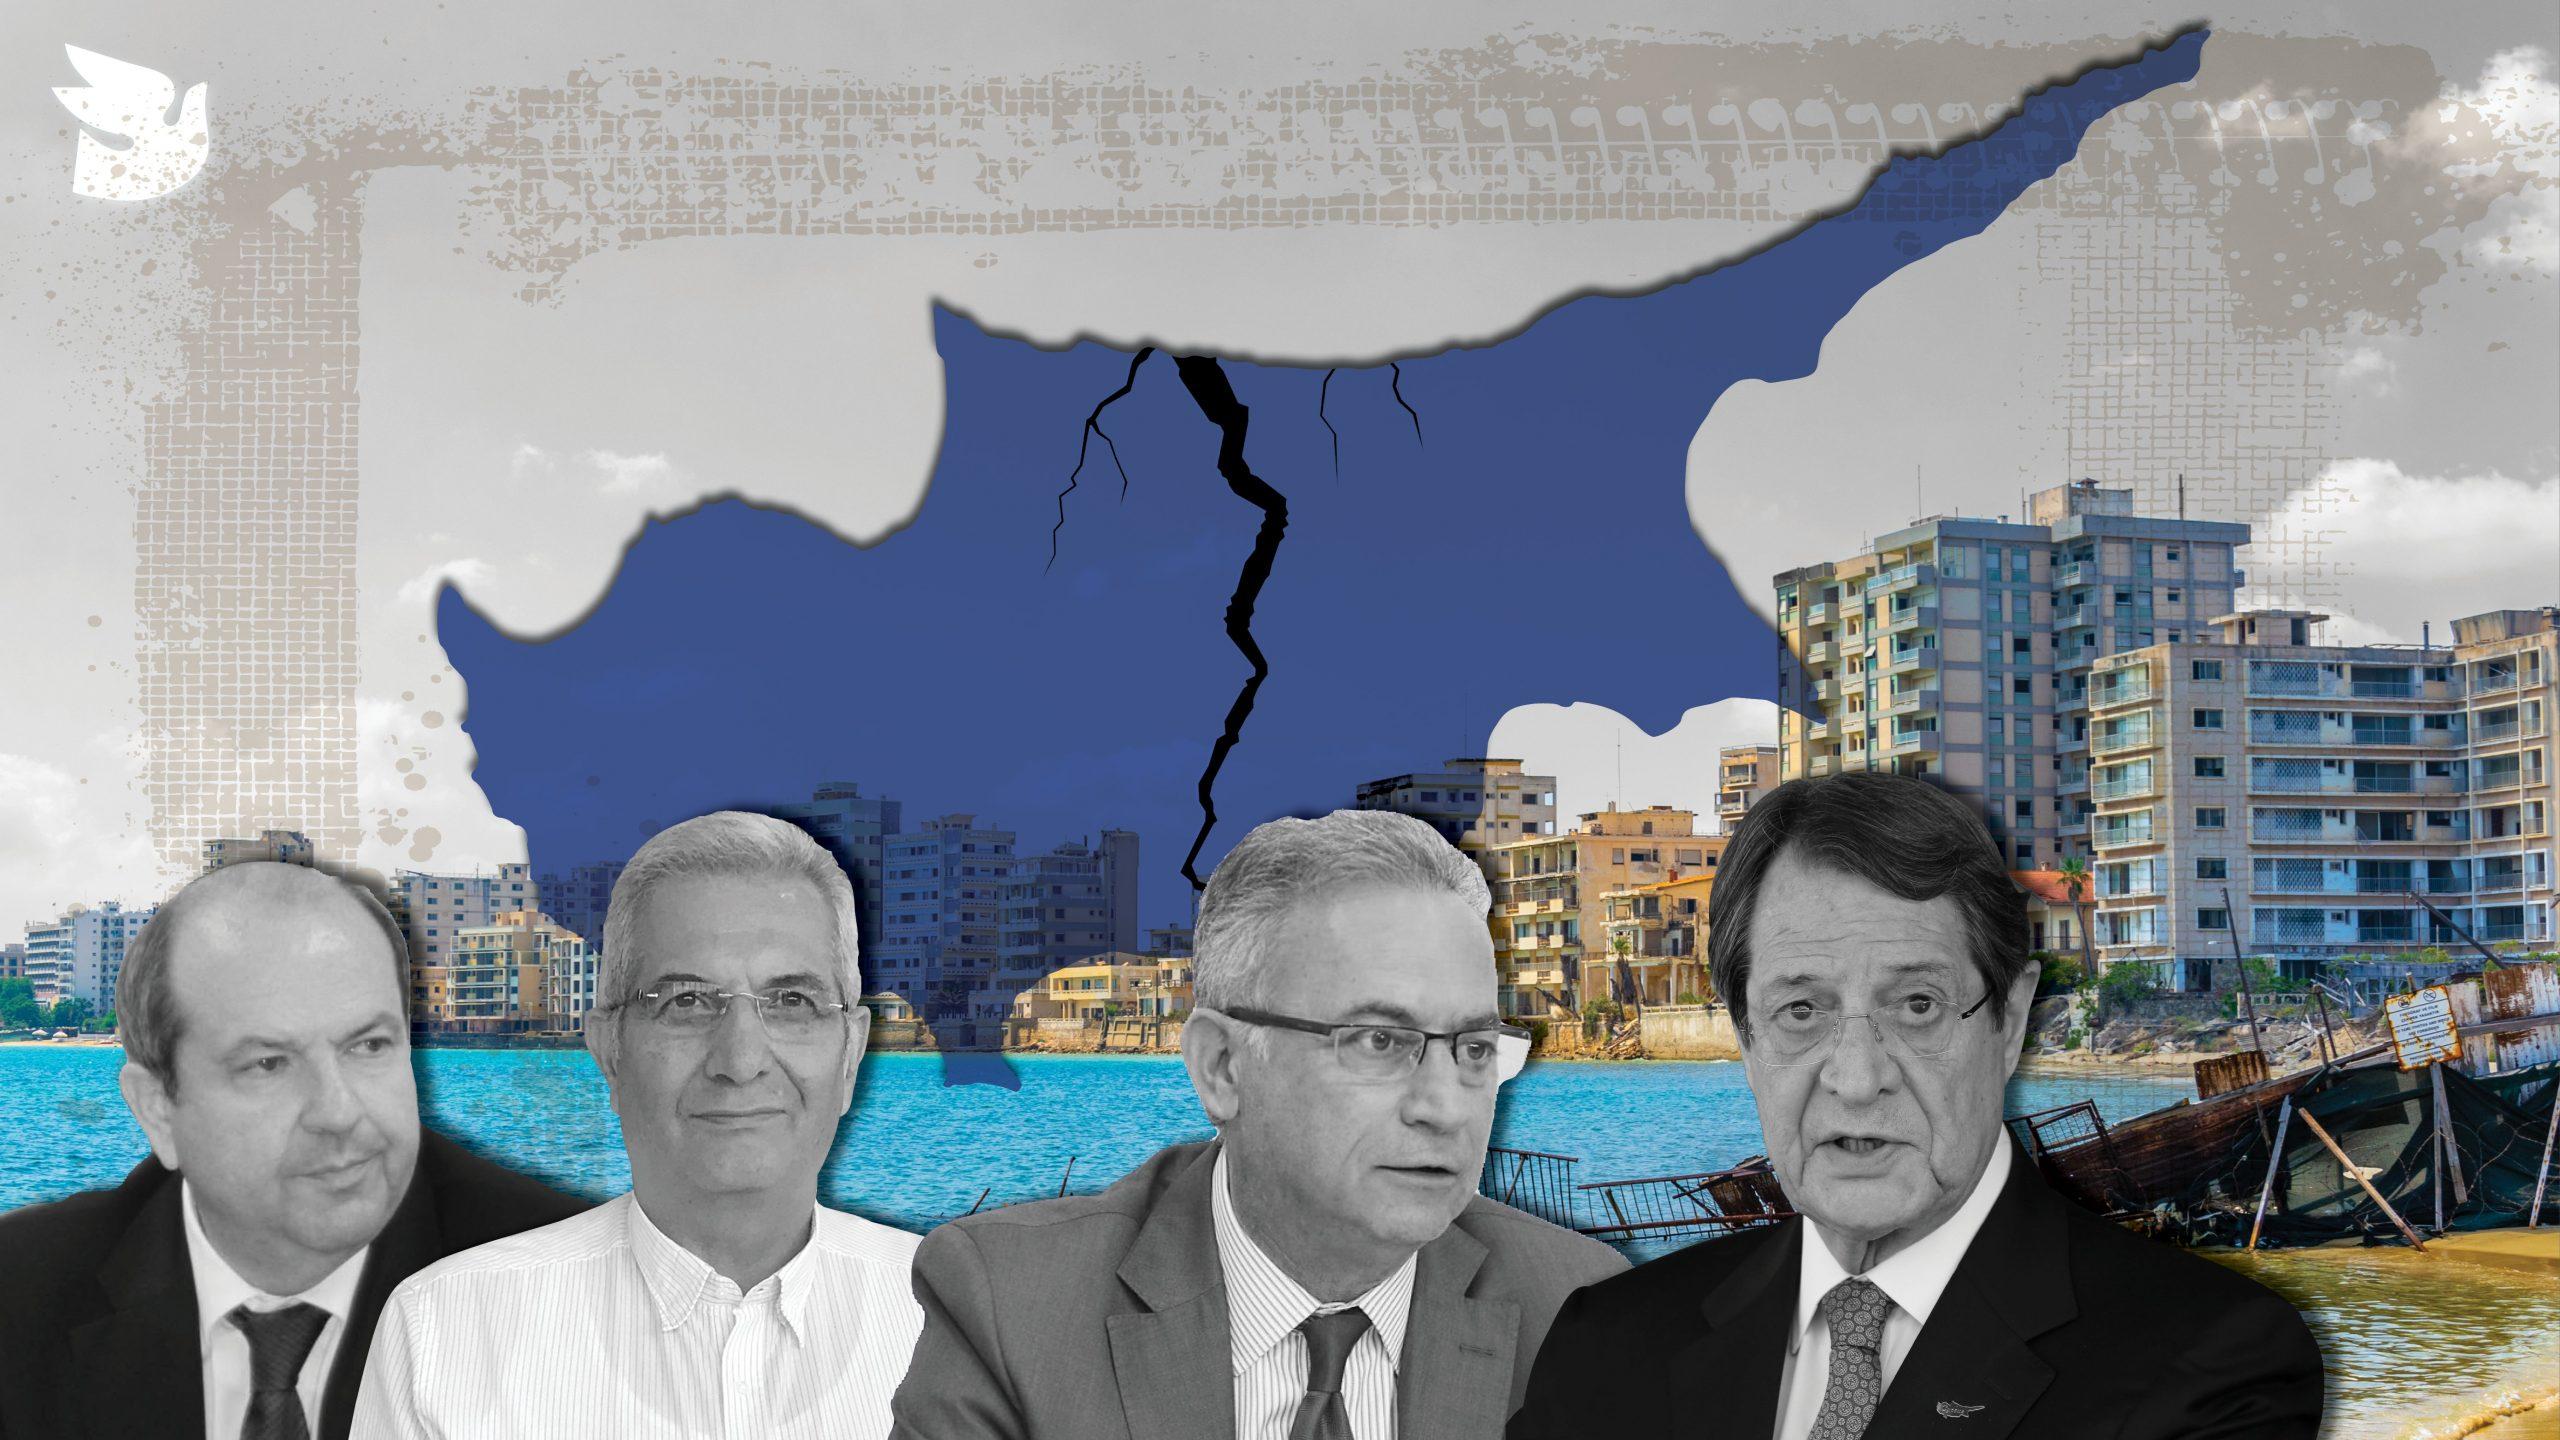 Κυπριακό: Θέλουν να θάψουν το δημοψήφισμα για λύση, για να αποφύγουν τη λαϊκή βούληση